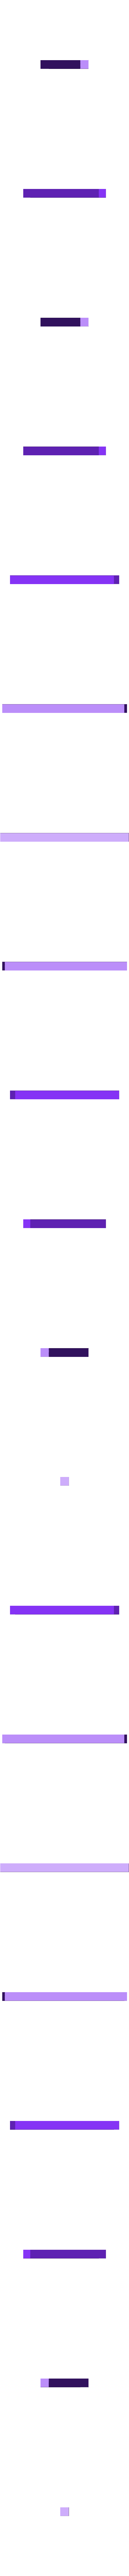 Bevel_gear_mechanism_shaft.stl Télécharger fichier STL gratuit Mécanisme qui ne tourne que dans un sens, quoi qu'il arrive !!!!! Engrenage conique • Objet à imprimer en 3D, matthewdwulff